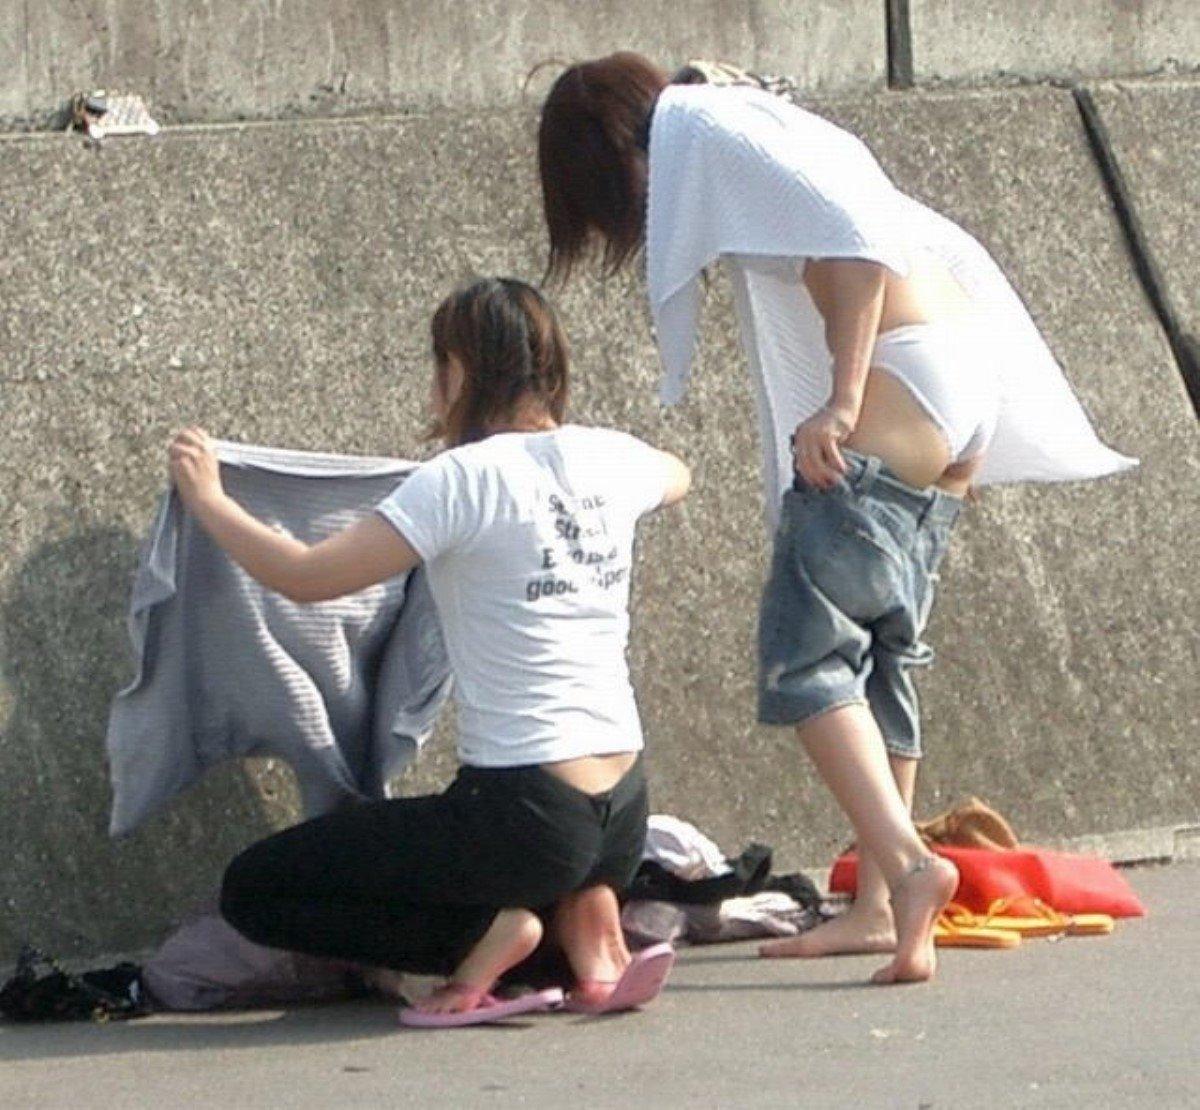 更衣室を使わず野外で水着に着替える素人女性たち!